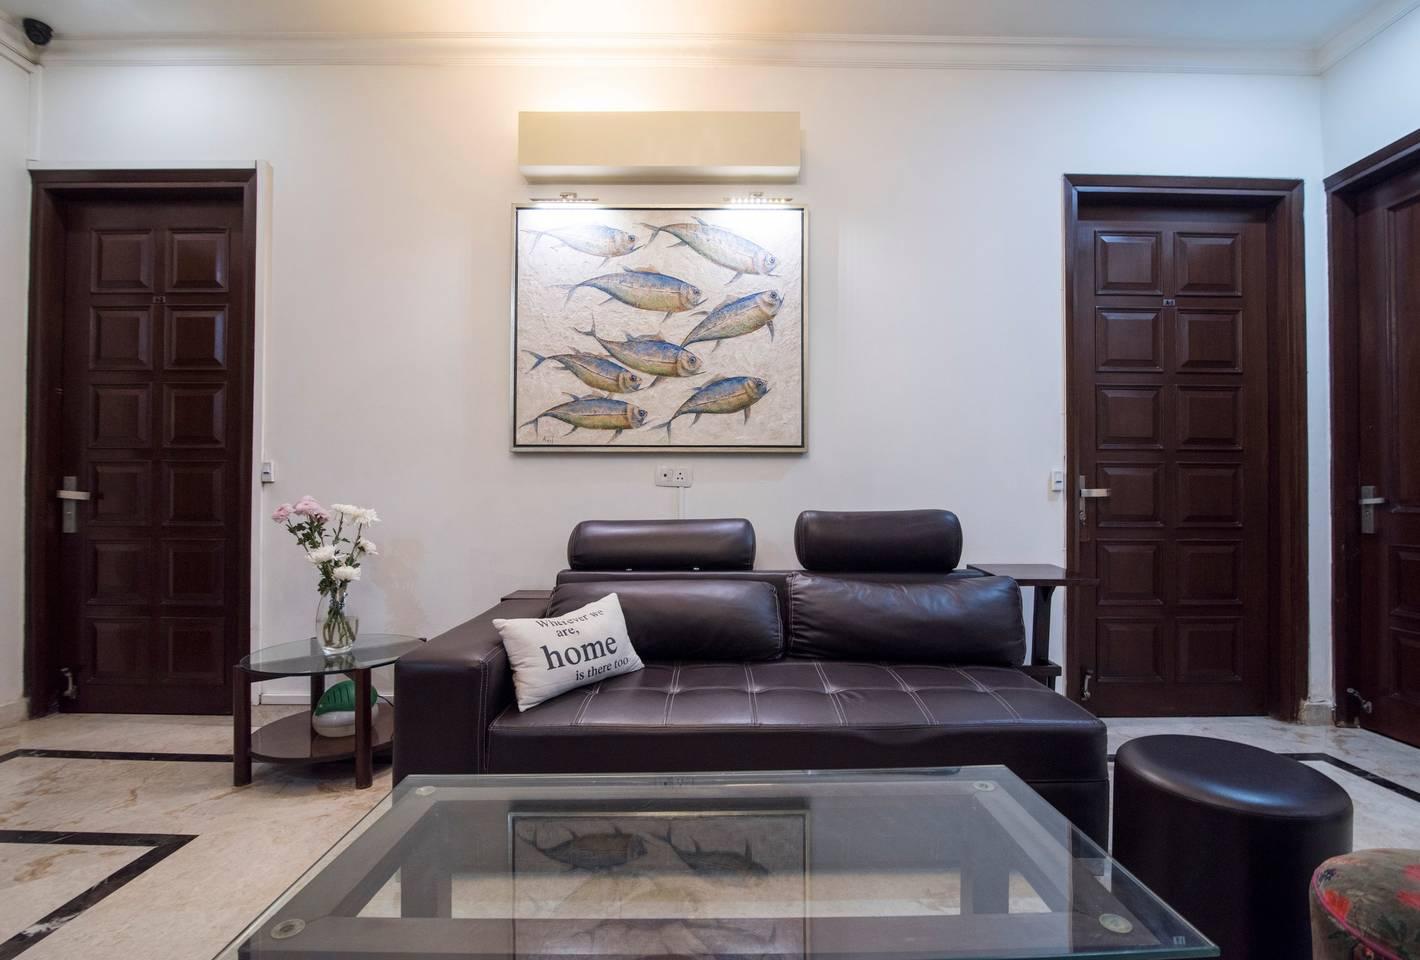 Apartment Studio Apartment with kitchen near Galleria photo 18634115